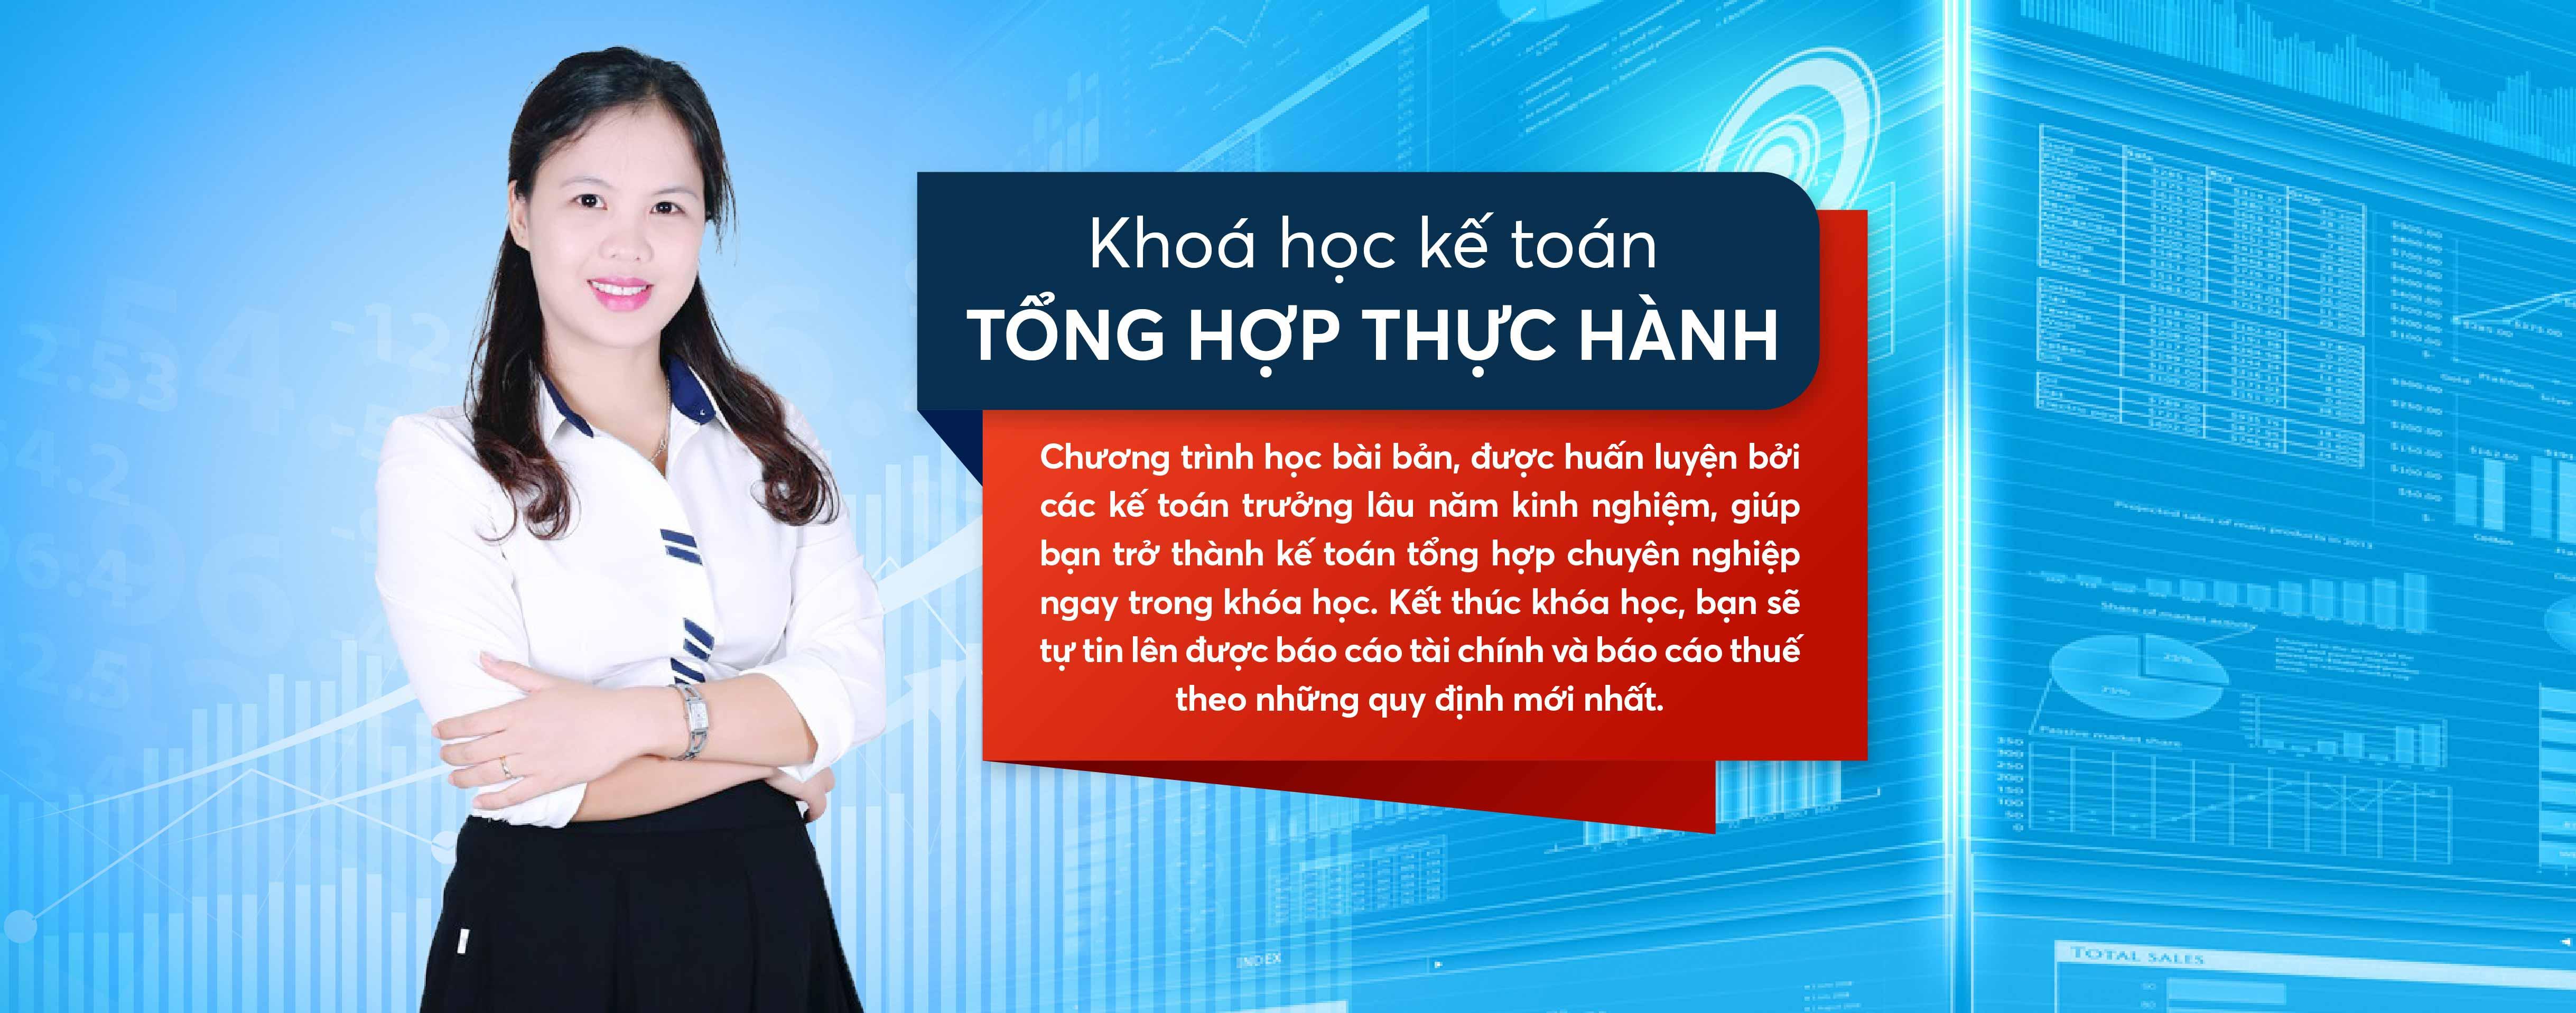 khoa-hoc-ke-toan-tong-hop-min-1